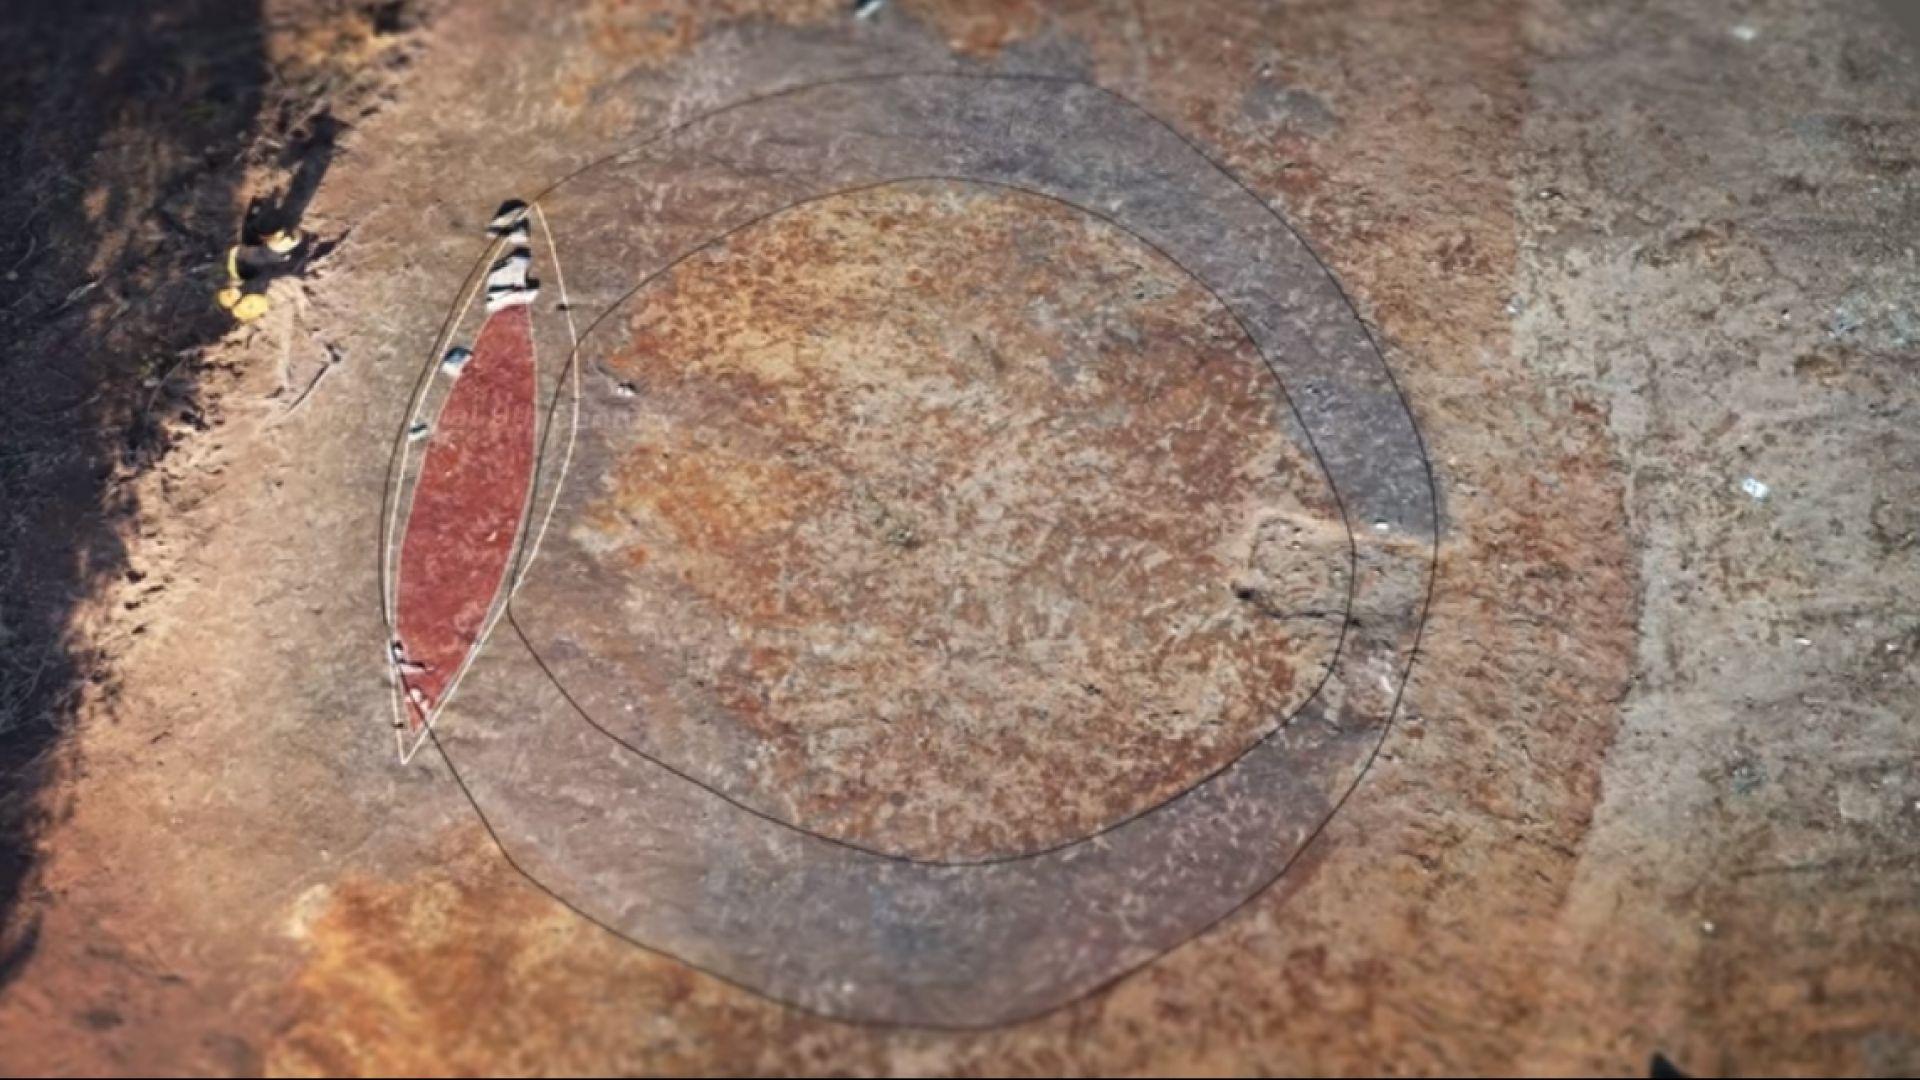 Учени откриха в Норвегия заровен в земята кораб от викингската епоха